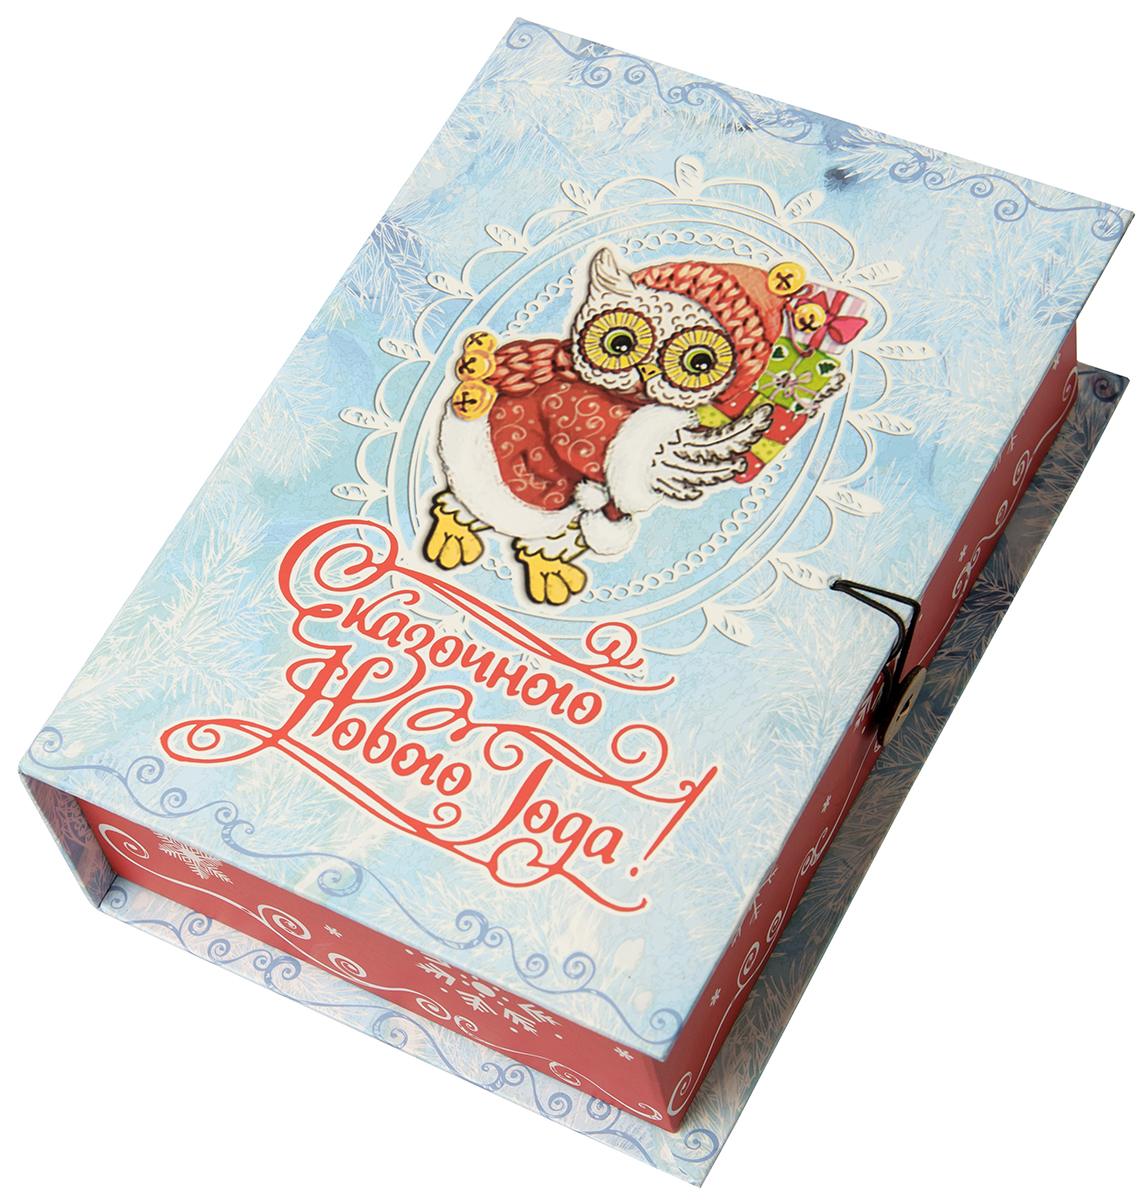 Коробка подарочная Magic Time Новогодняя сова, размер M. 7503575035Подарочная коробка Magic Time, выполненная из мелованного, ламинированного картона, закрывается на пуговицу. Крышка оформлена декоративным рисунком. Подарочная коробка - это наилучшее решение, если вы хотите порадовать ваших близких и создать праздничное настроение, ведь подарок, преподнесенный в оригинальной упаковке, всегда будет самым эффектным и запоминающимся. Окружите близких людей вниманием и заботой, вручив презент в нарядном, праздничном оформлении.Плотность картона: 1100 г/м2.